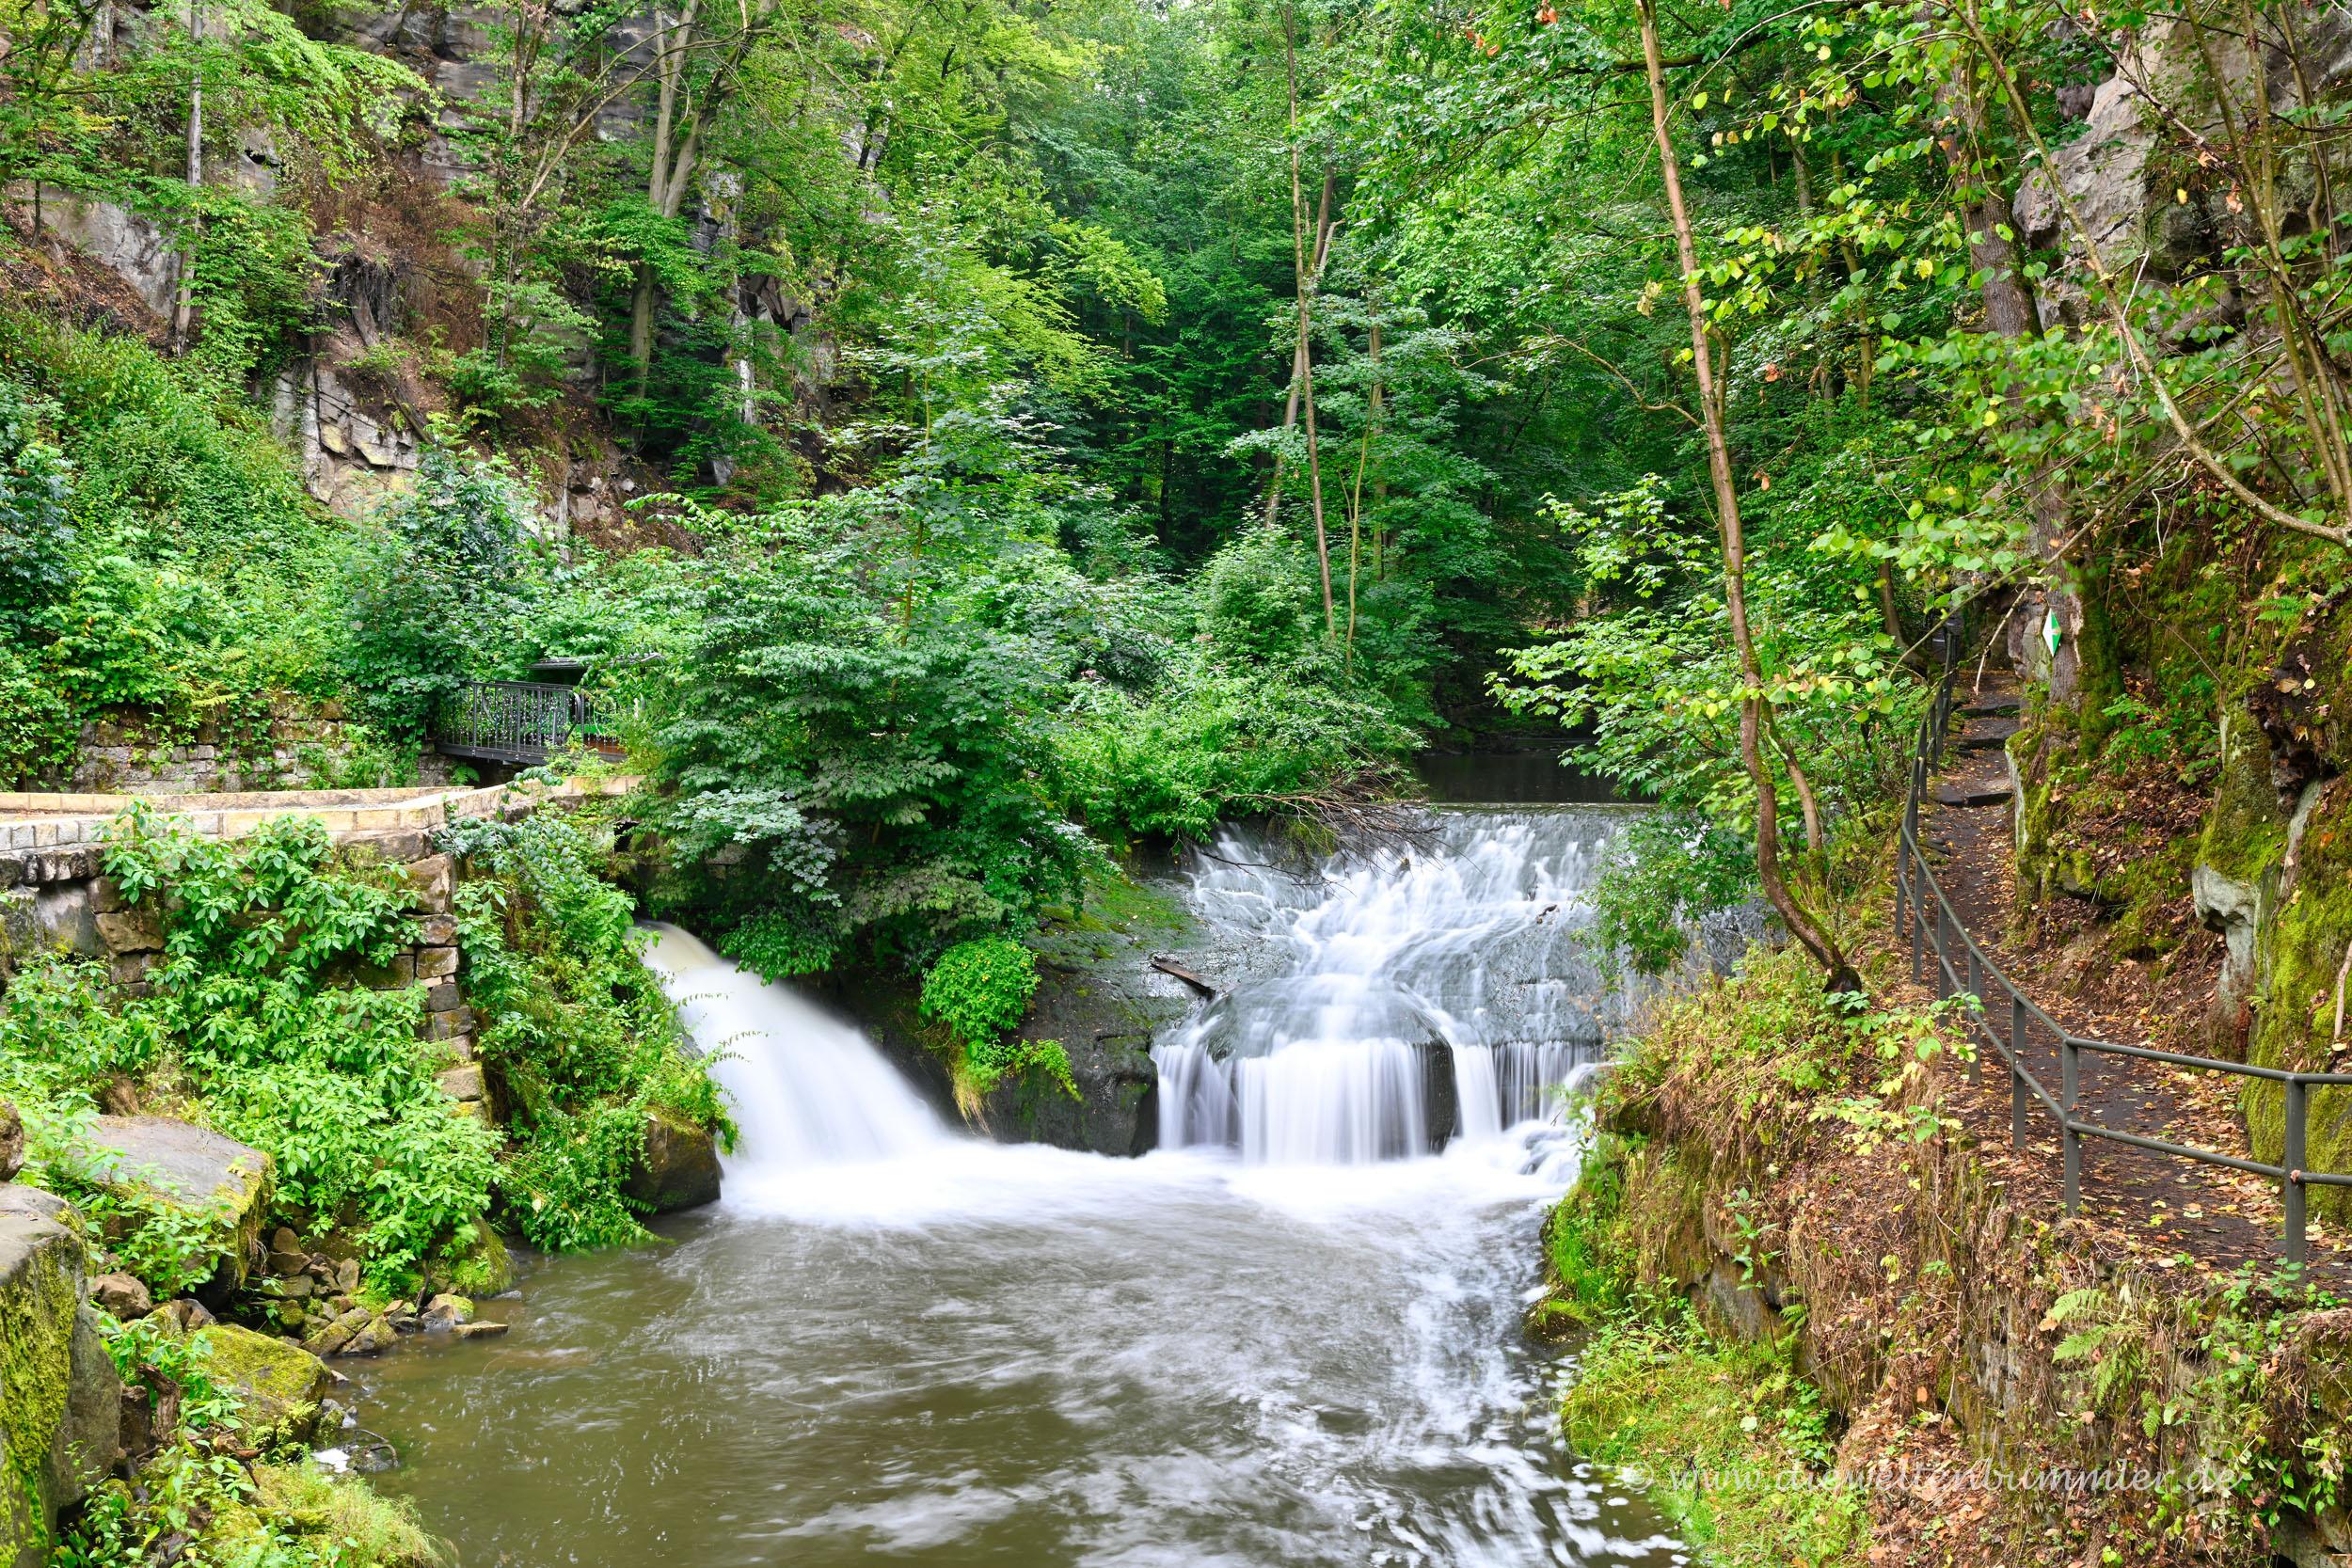 Malerischer Wasserfall am Malerweg